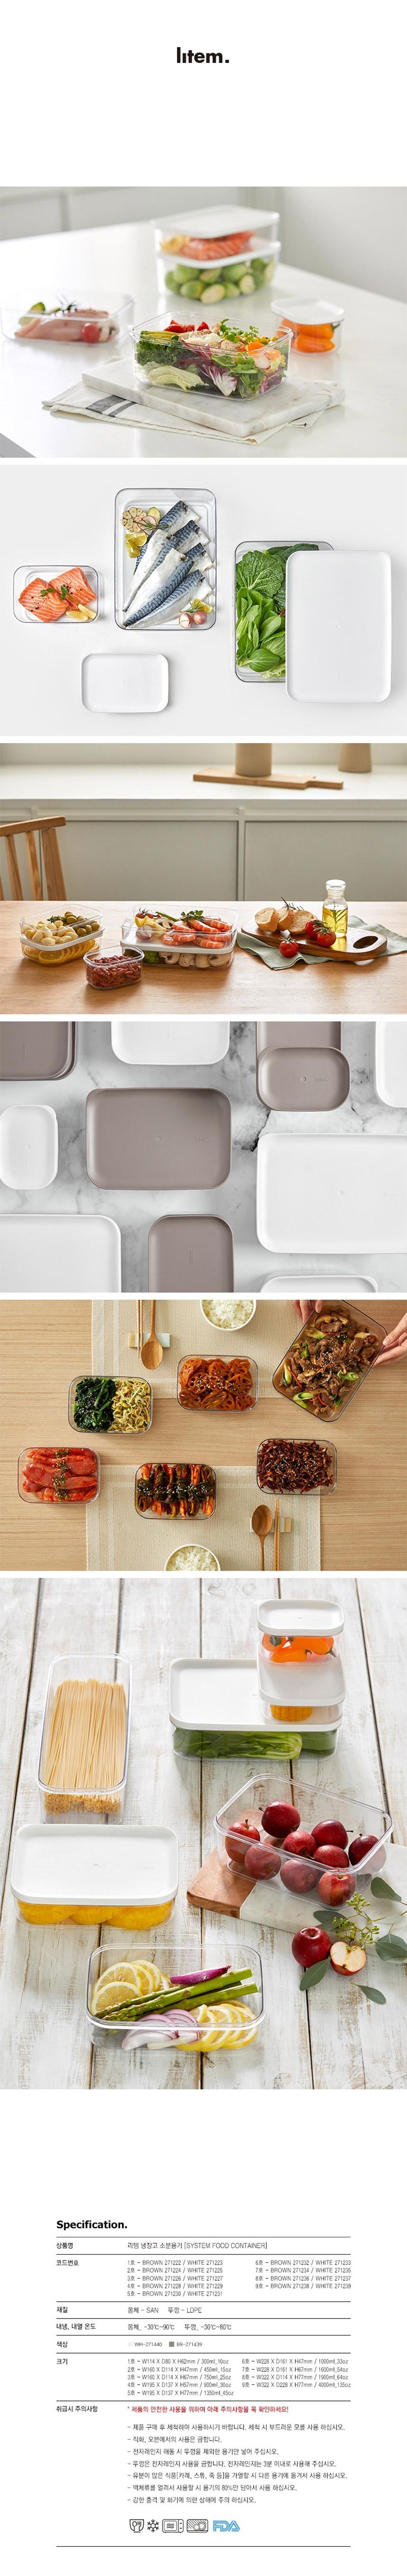 주방 냉장고수납 음식물 식재료 반찬 보관용기2호 3팩 - 히키스, 9,600원, X기타 주방소품, 기타 주방소품